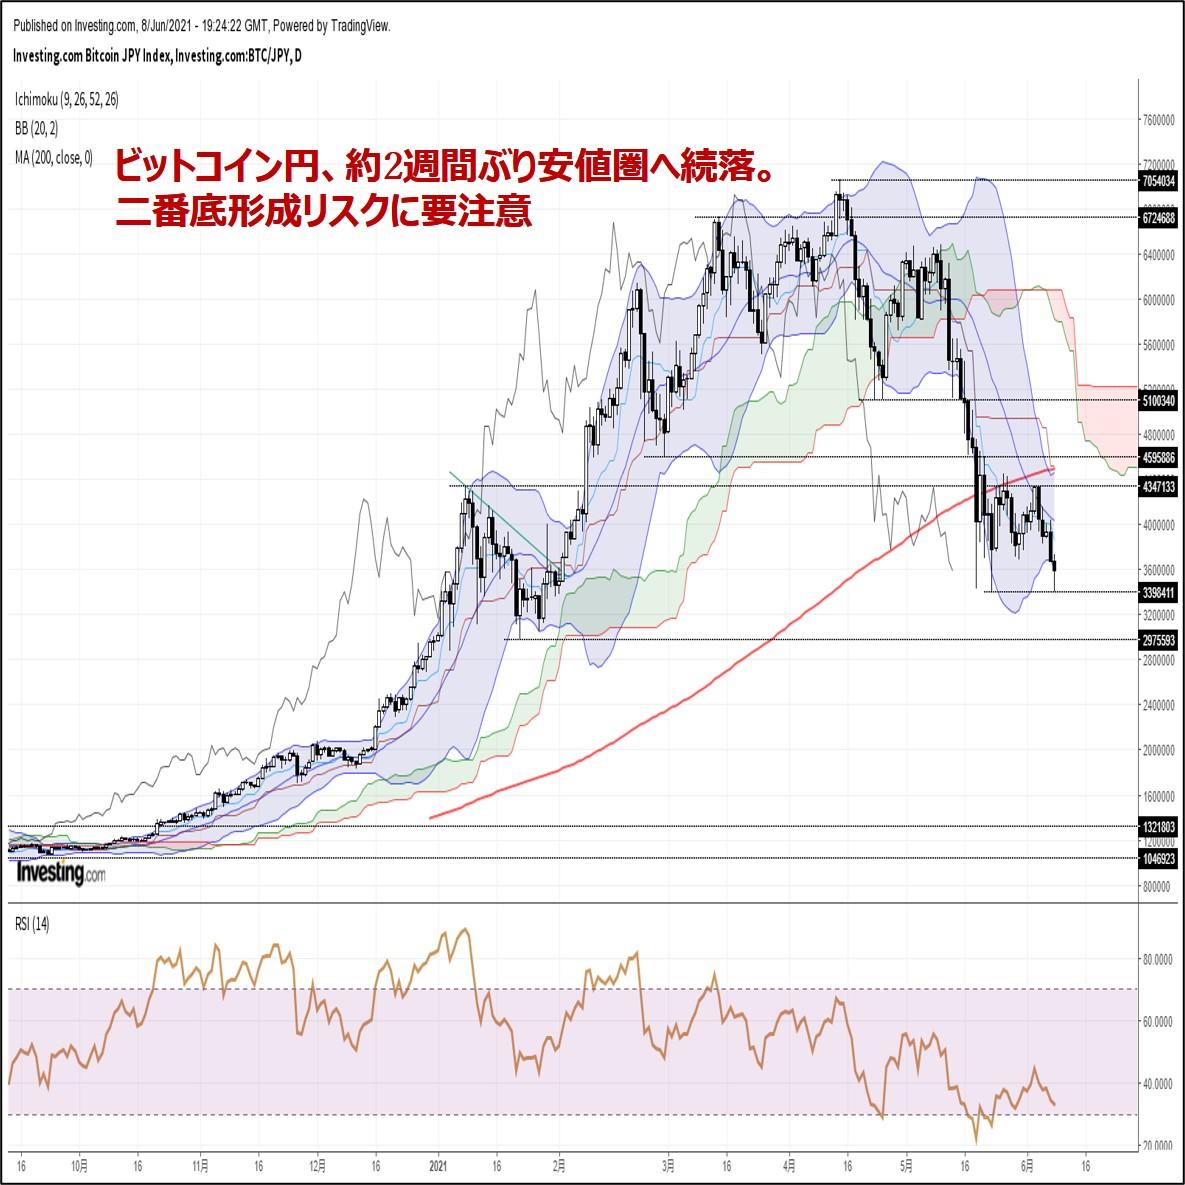 ビットコイン円、約2週間ぶり安値圏へ続落。二番底形成リスクに要注意(6/9朝)